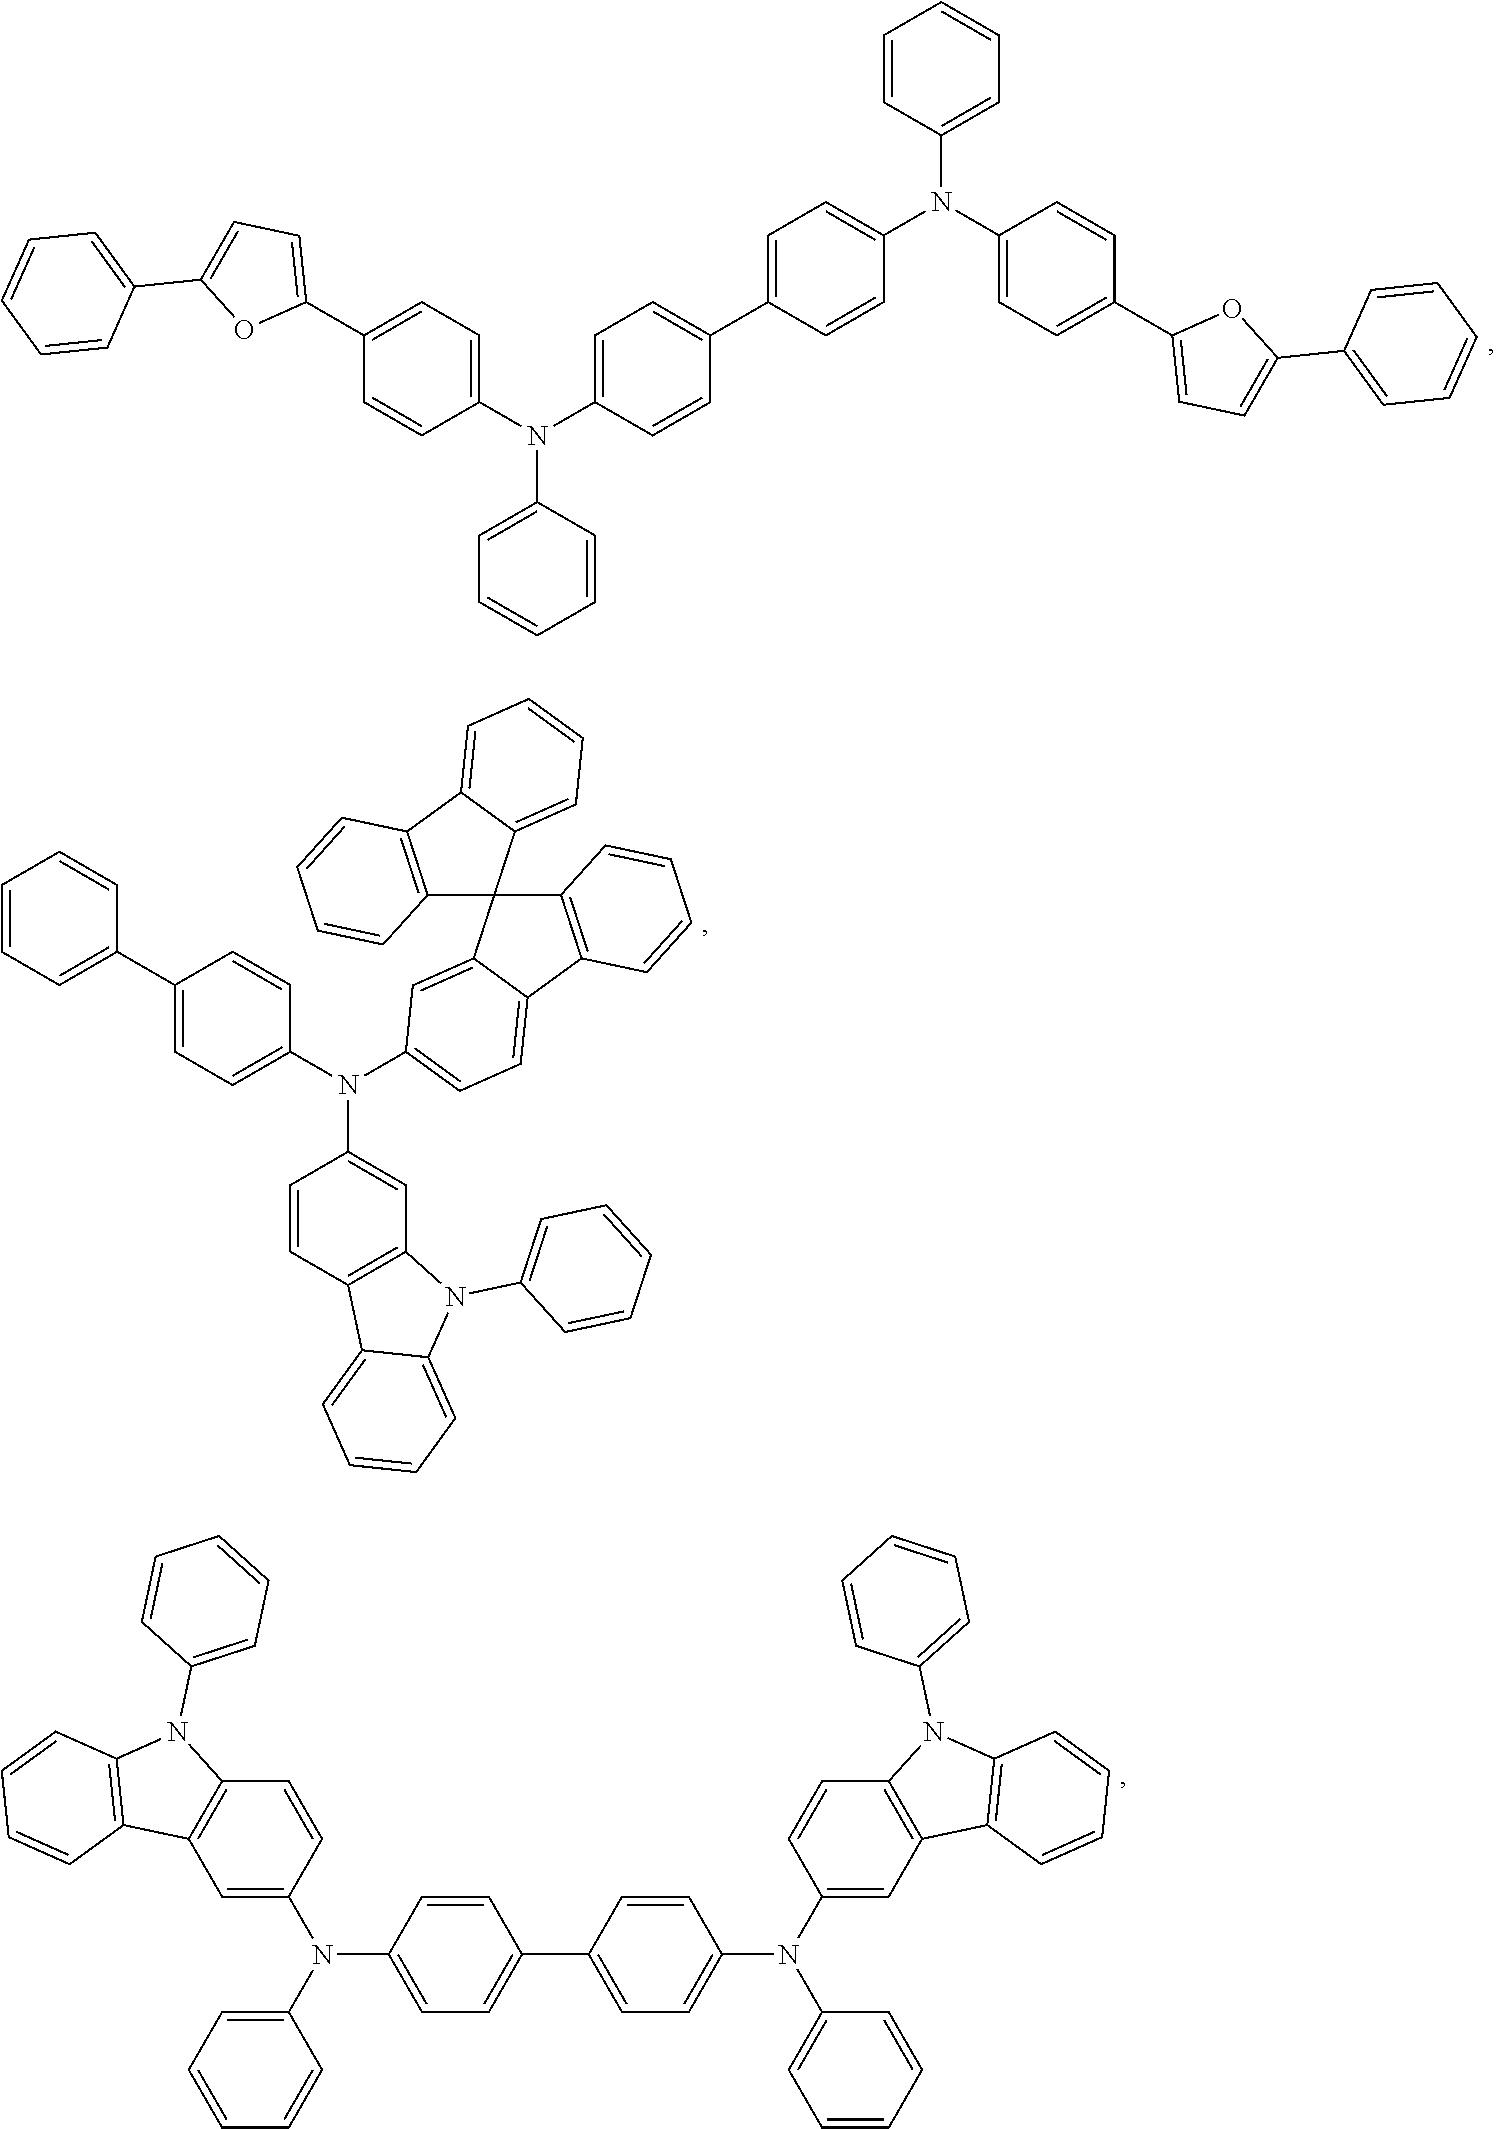 Figure US20190161504A1-20190530-C00025